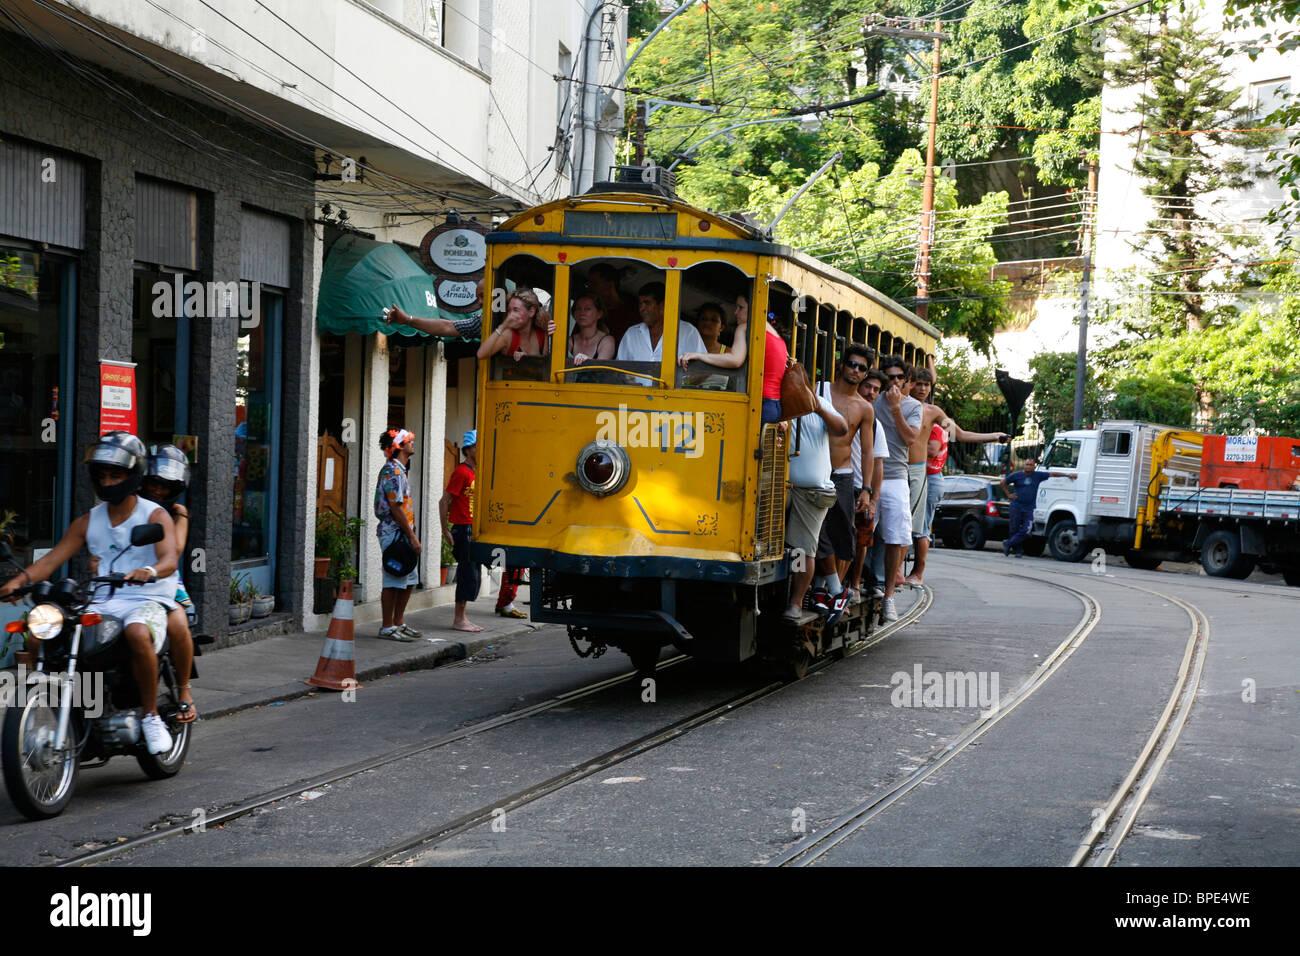 The Bonde (Trolley) at Santa Teresa, Rio de Janeiro, Brazil. Stock Photo